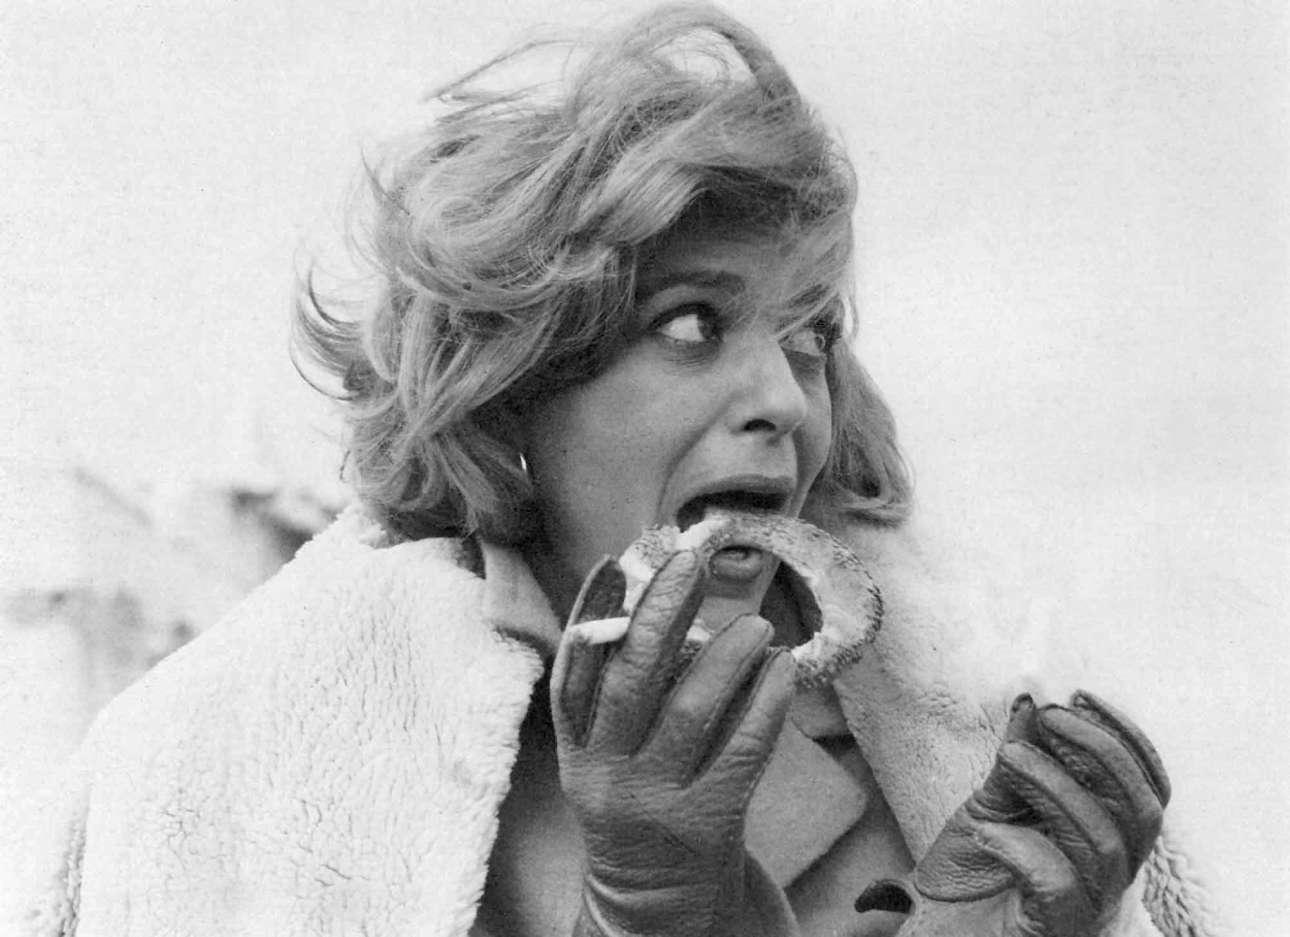 Φωτογραφημένη από τον σπουδαίο Αριστοτέλη Σαρρηκώστα,  σε ένα διάλειμμα των γυρισμάτων ντοκιμαντέρ του BBC, με τίτλο «Η Ελλάδα της Μελίνας» το 1965